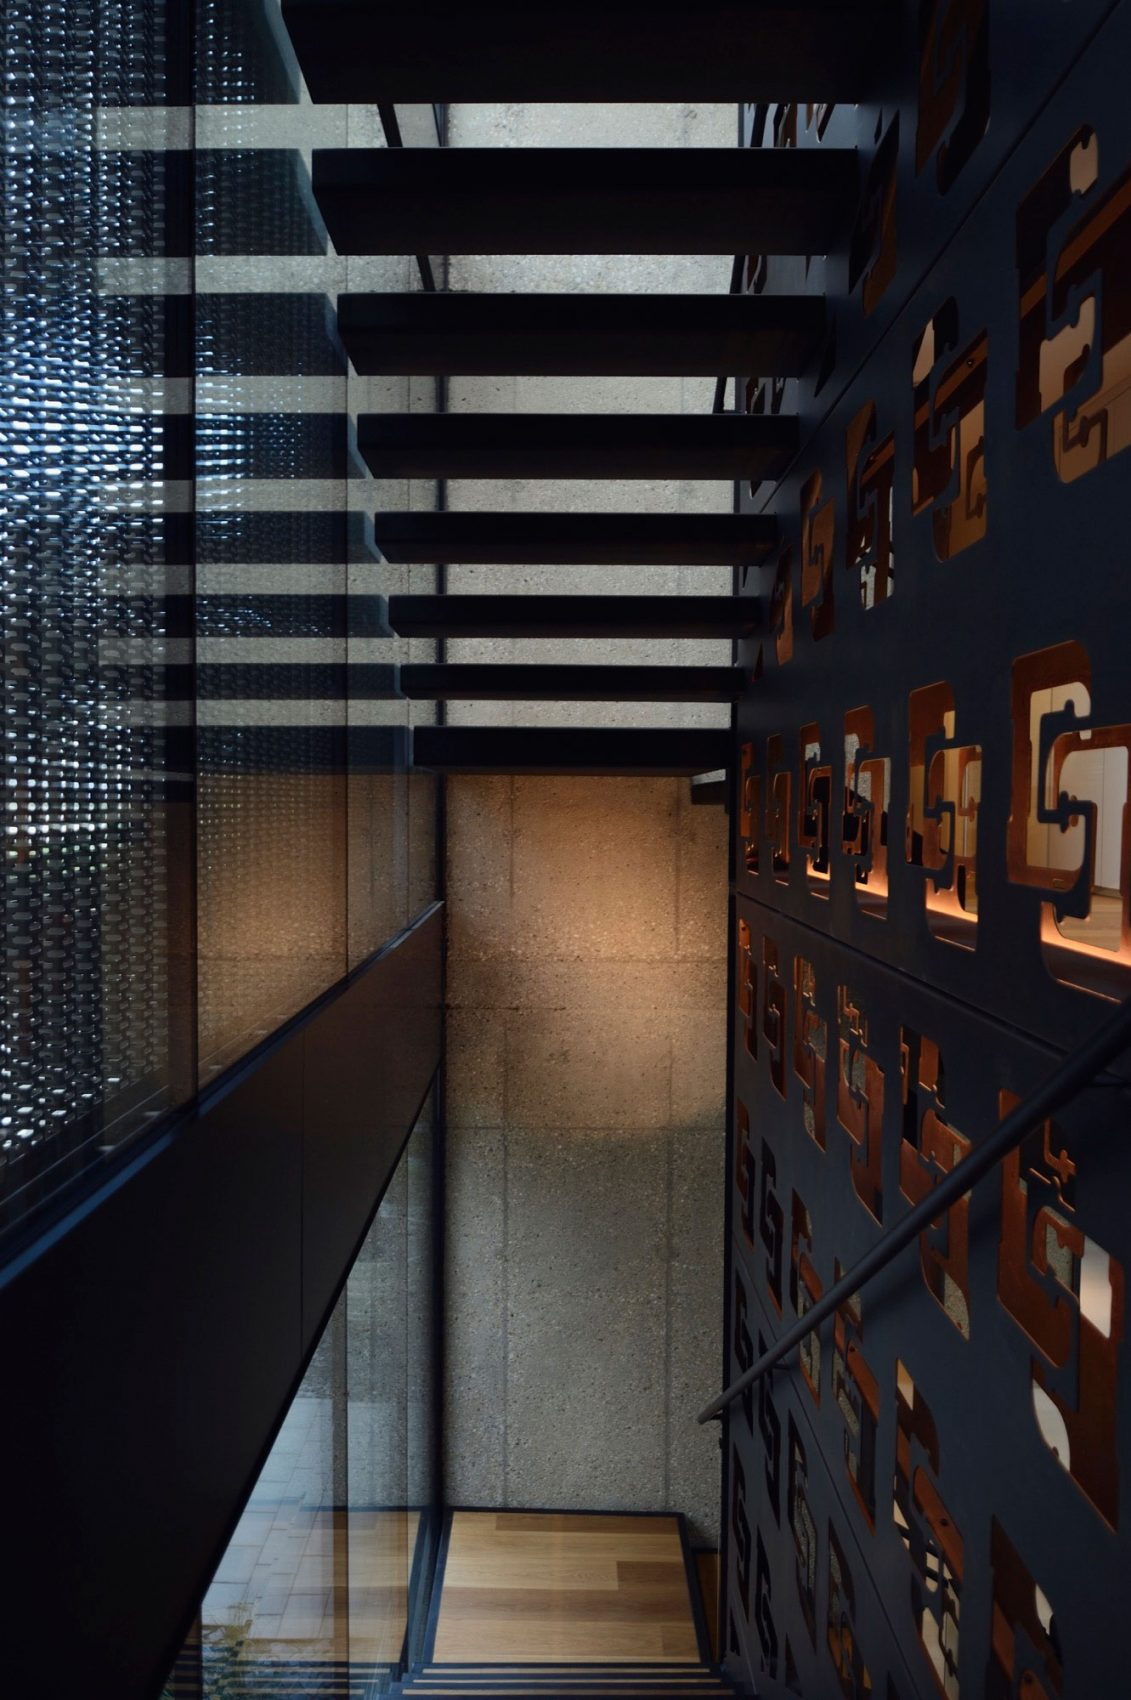 Dark stairwell in black